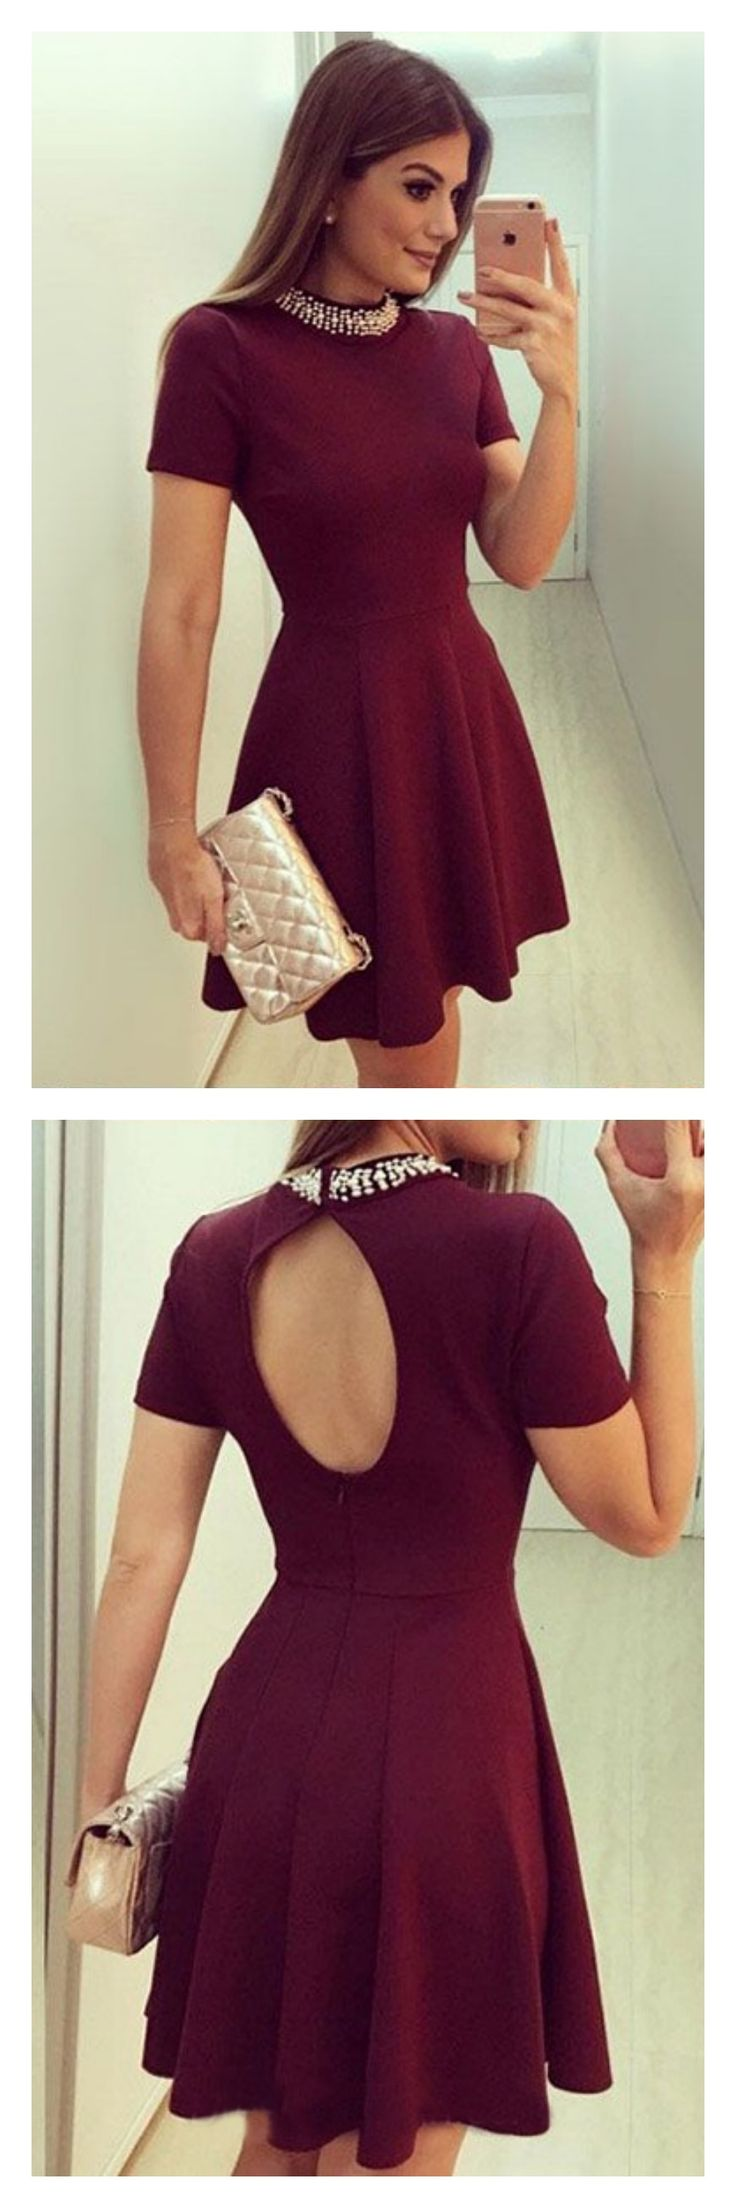 Mini vestido vinotinto❤